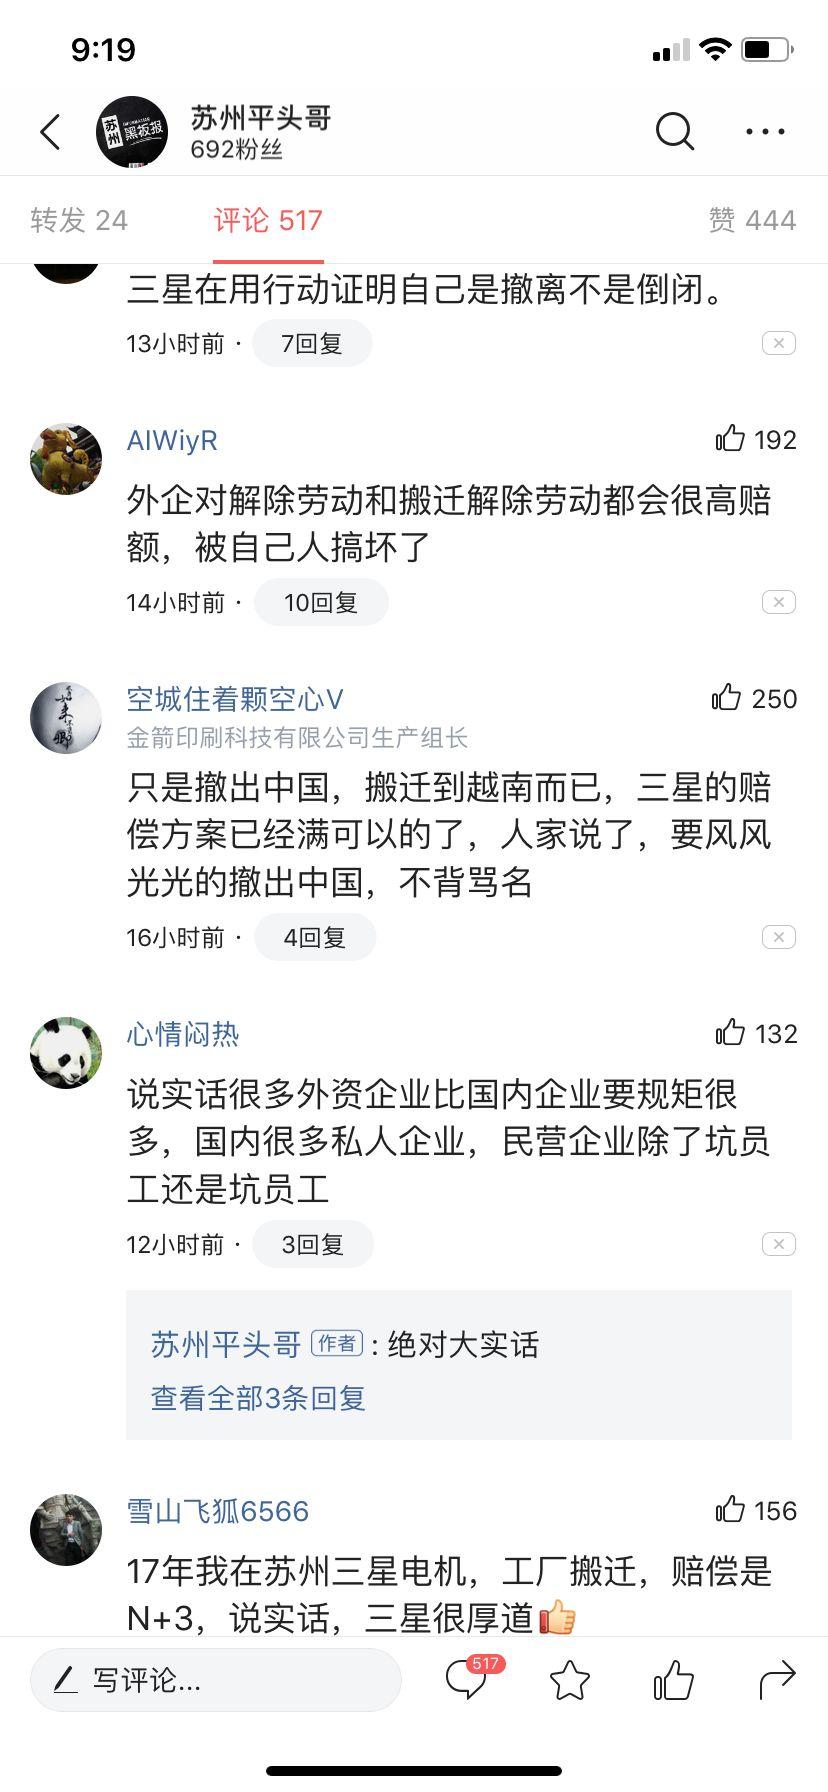 三星关闭昆山工厂撤离中国,员工赔偿N+5,对比国内企业引得网友热议 3